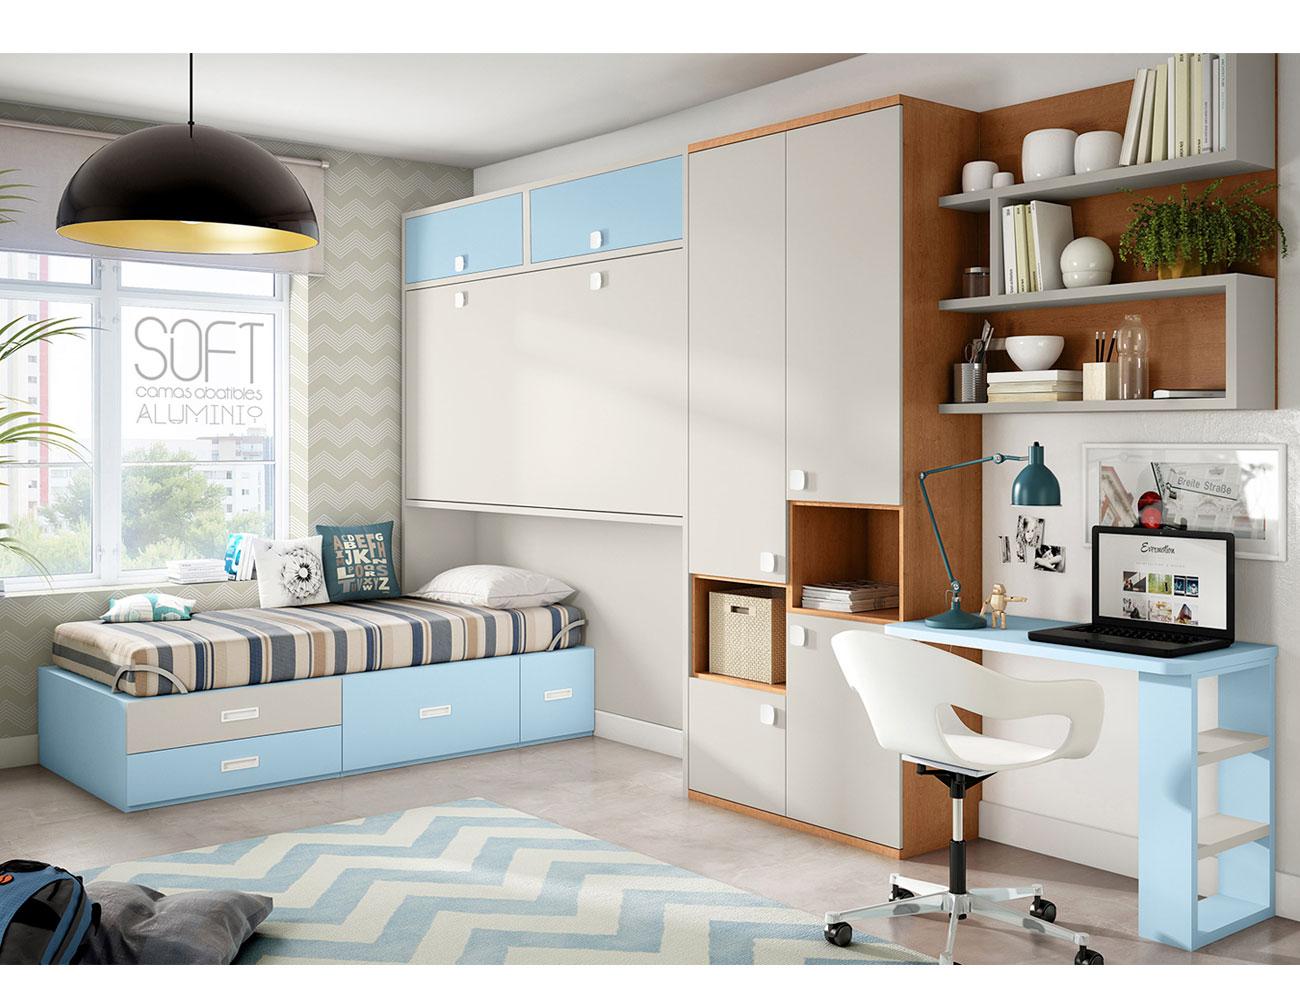 Dormitorio juvenil cama abatible doble altillo ih1001